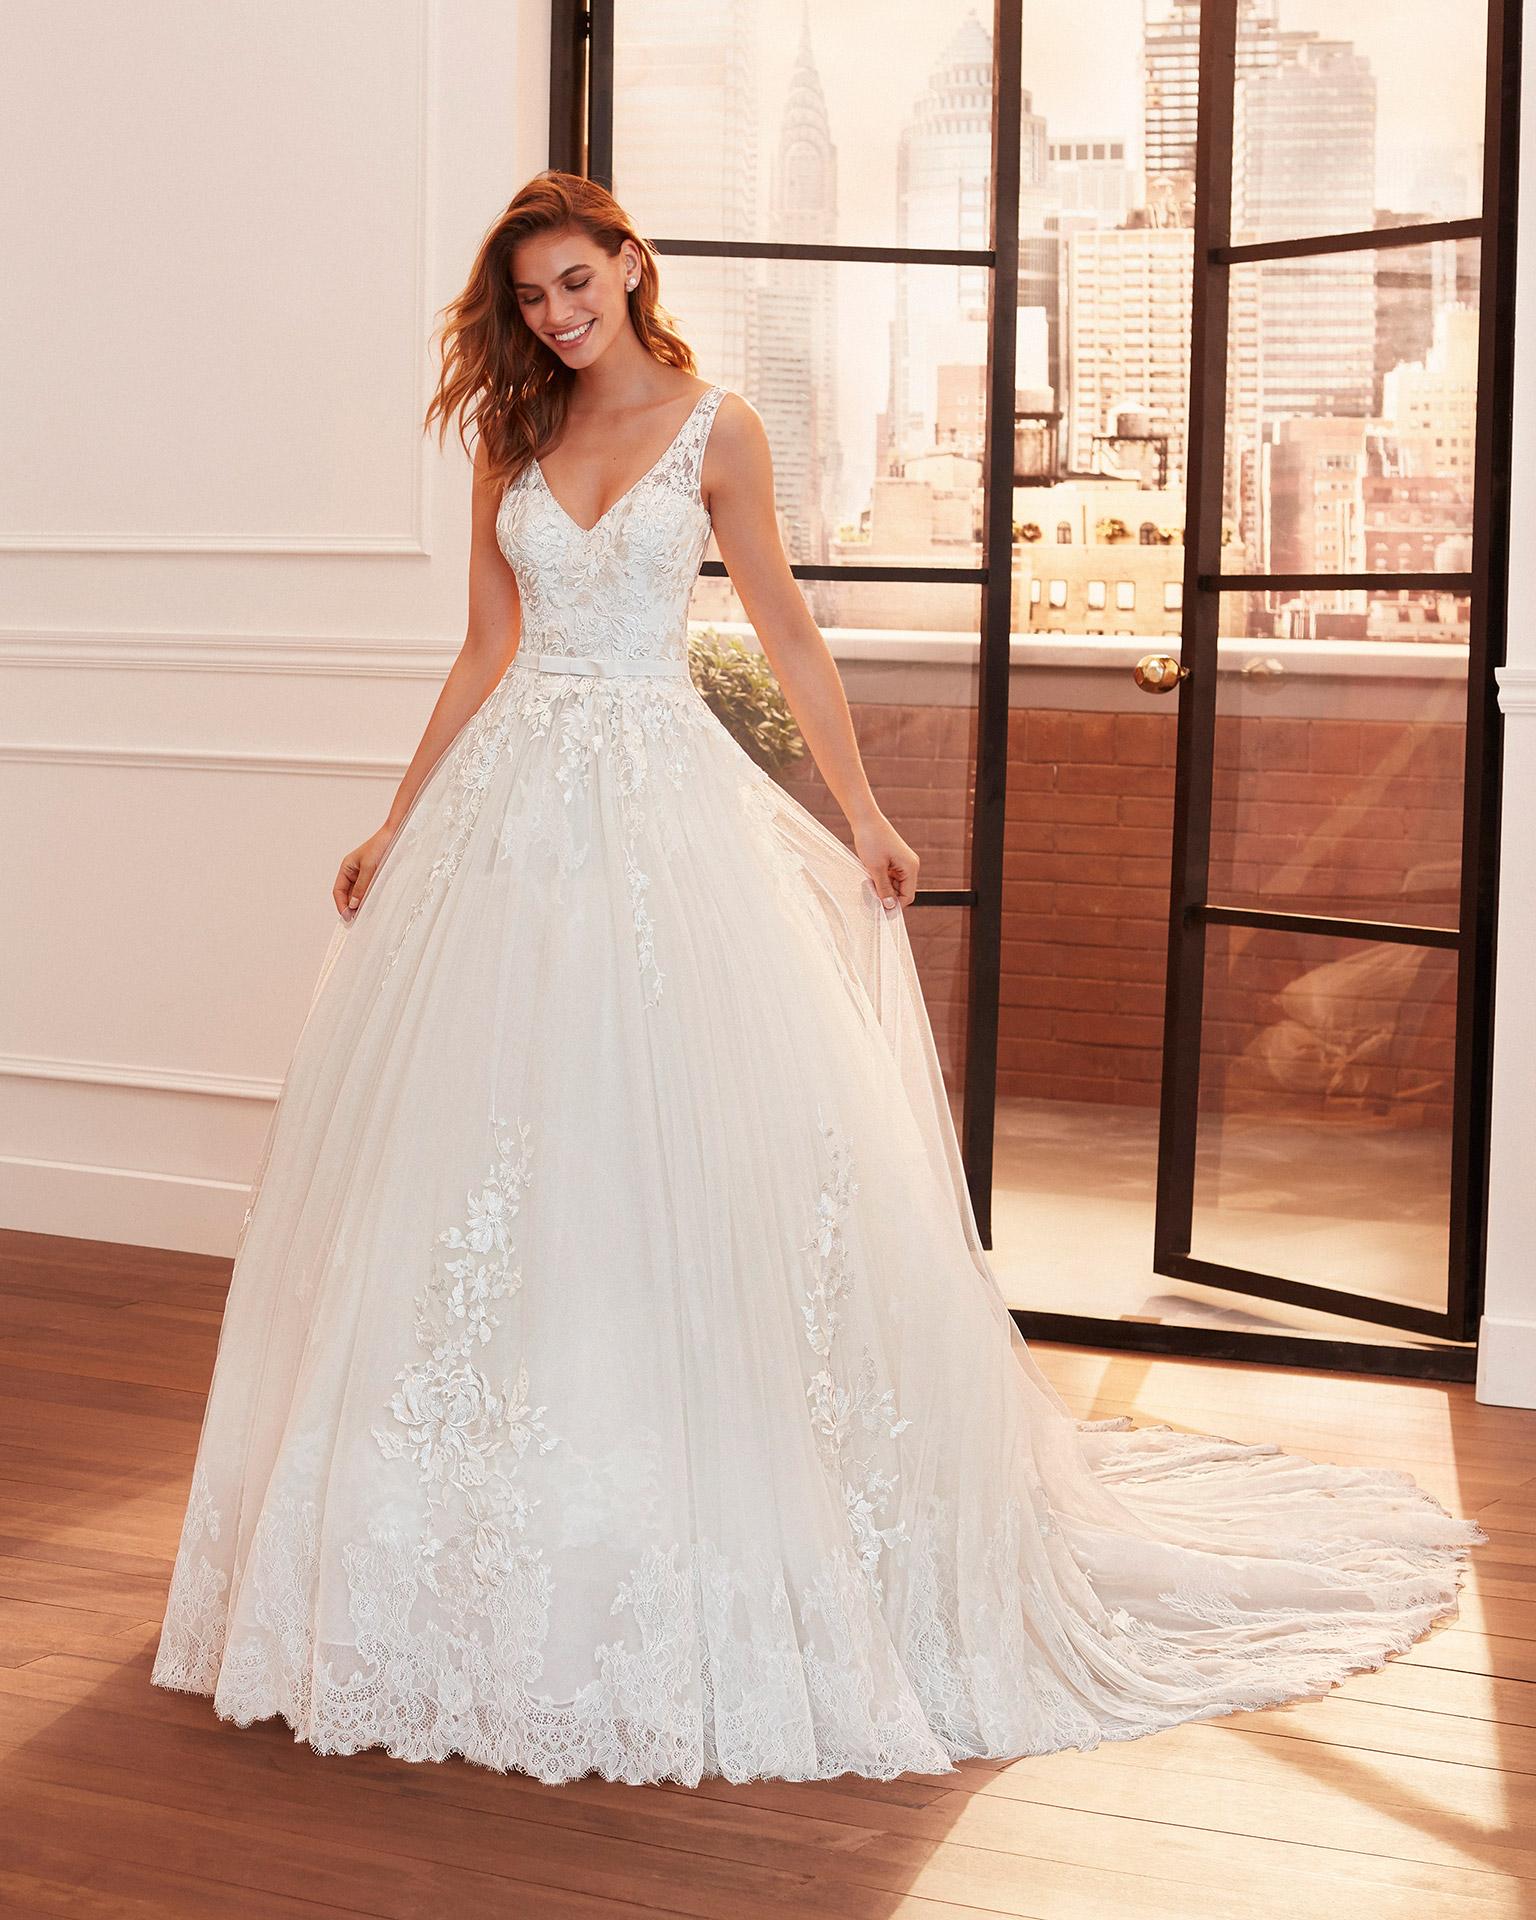 Vestido de novia de estilo princesa de encaje, tul y escote pedrería  y espalda en V. Colección  2020.